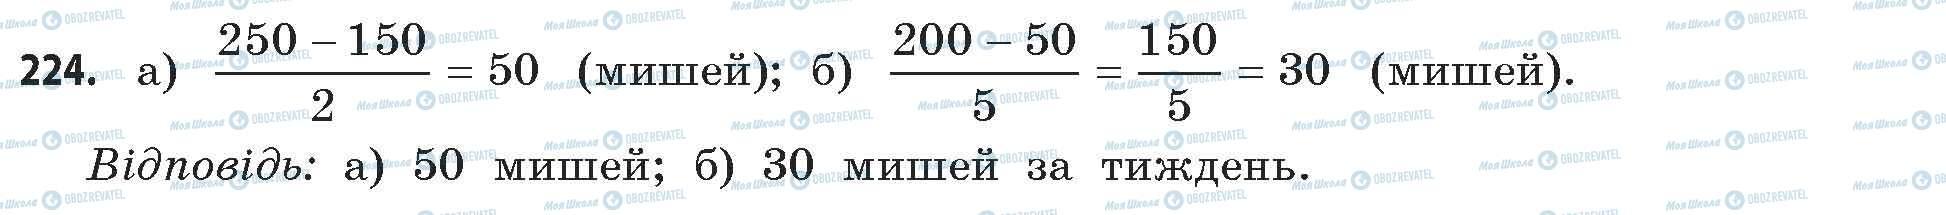 ГДЗ Математика 11 класс страница 224